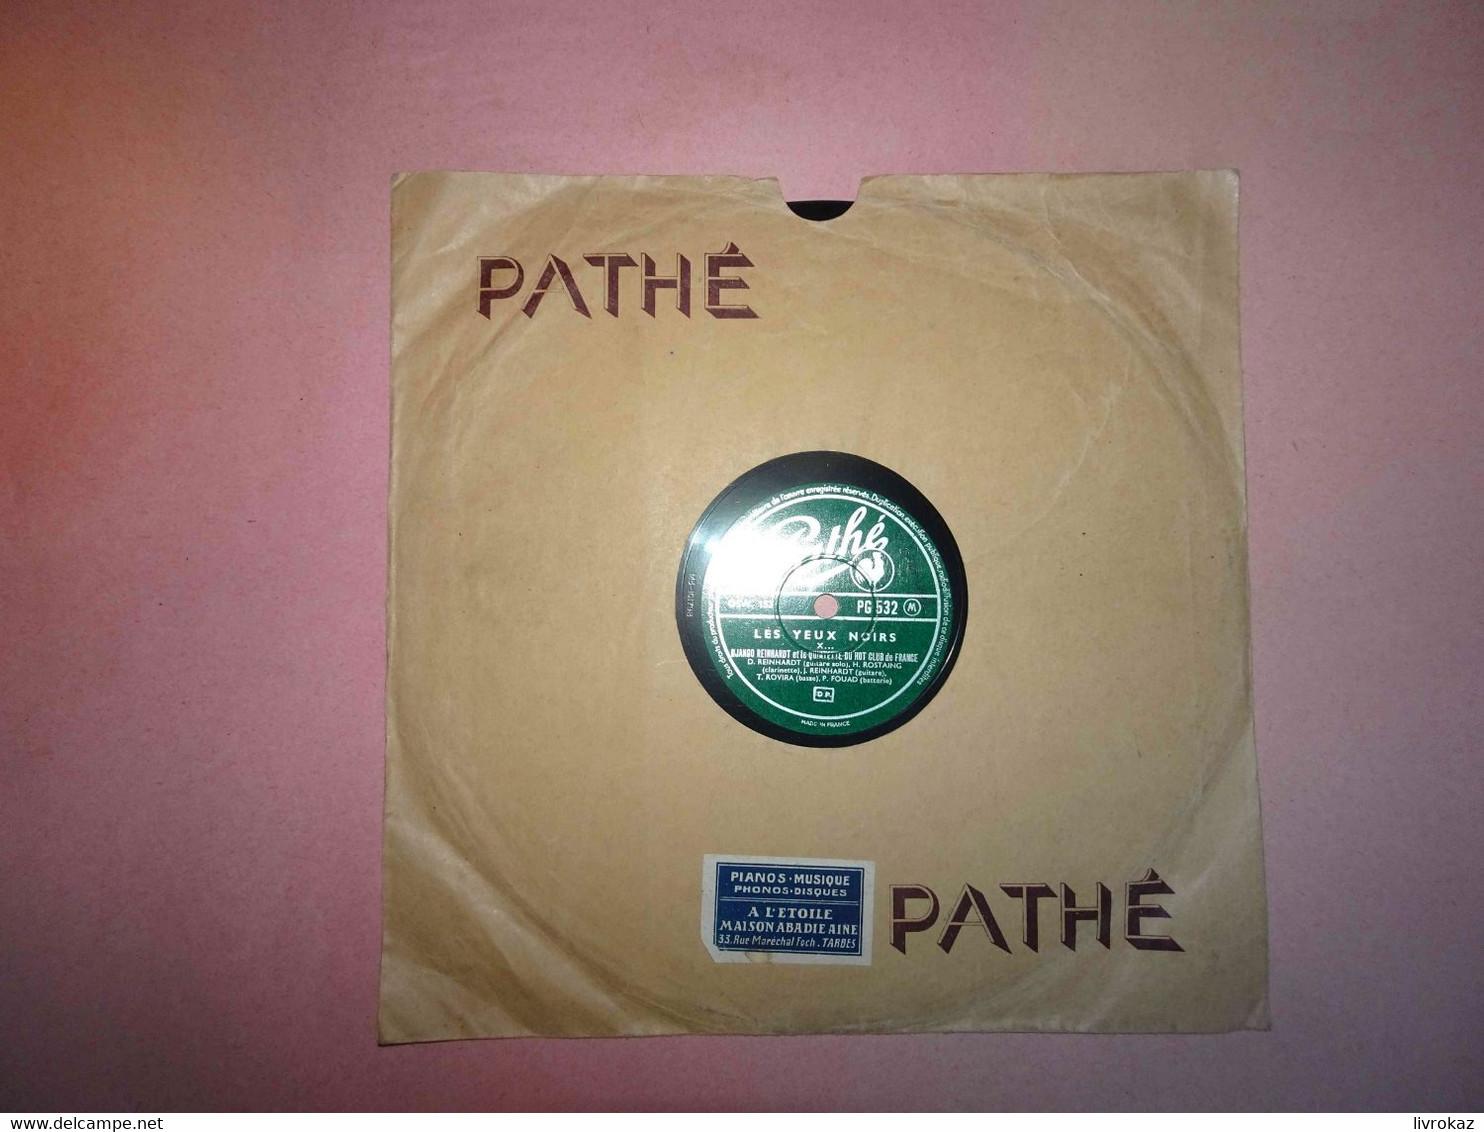 Disque 78 Tours Nuages / Les Yeux Noirs - Pathé PG 532 Django Reinhardt Et Le Quintette Du Hot Club De France, Tarbes - 78 G - Dischi Per Fonografi